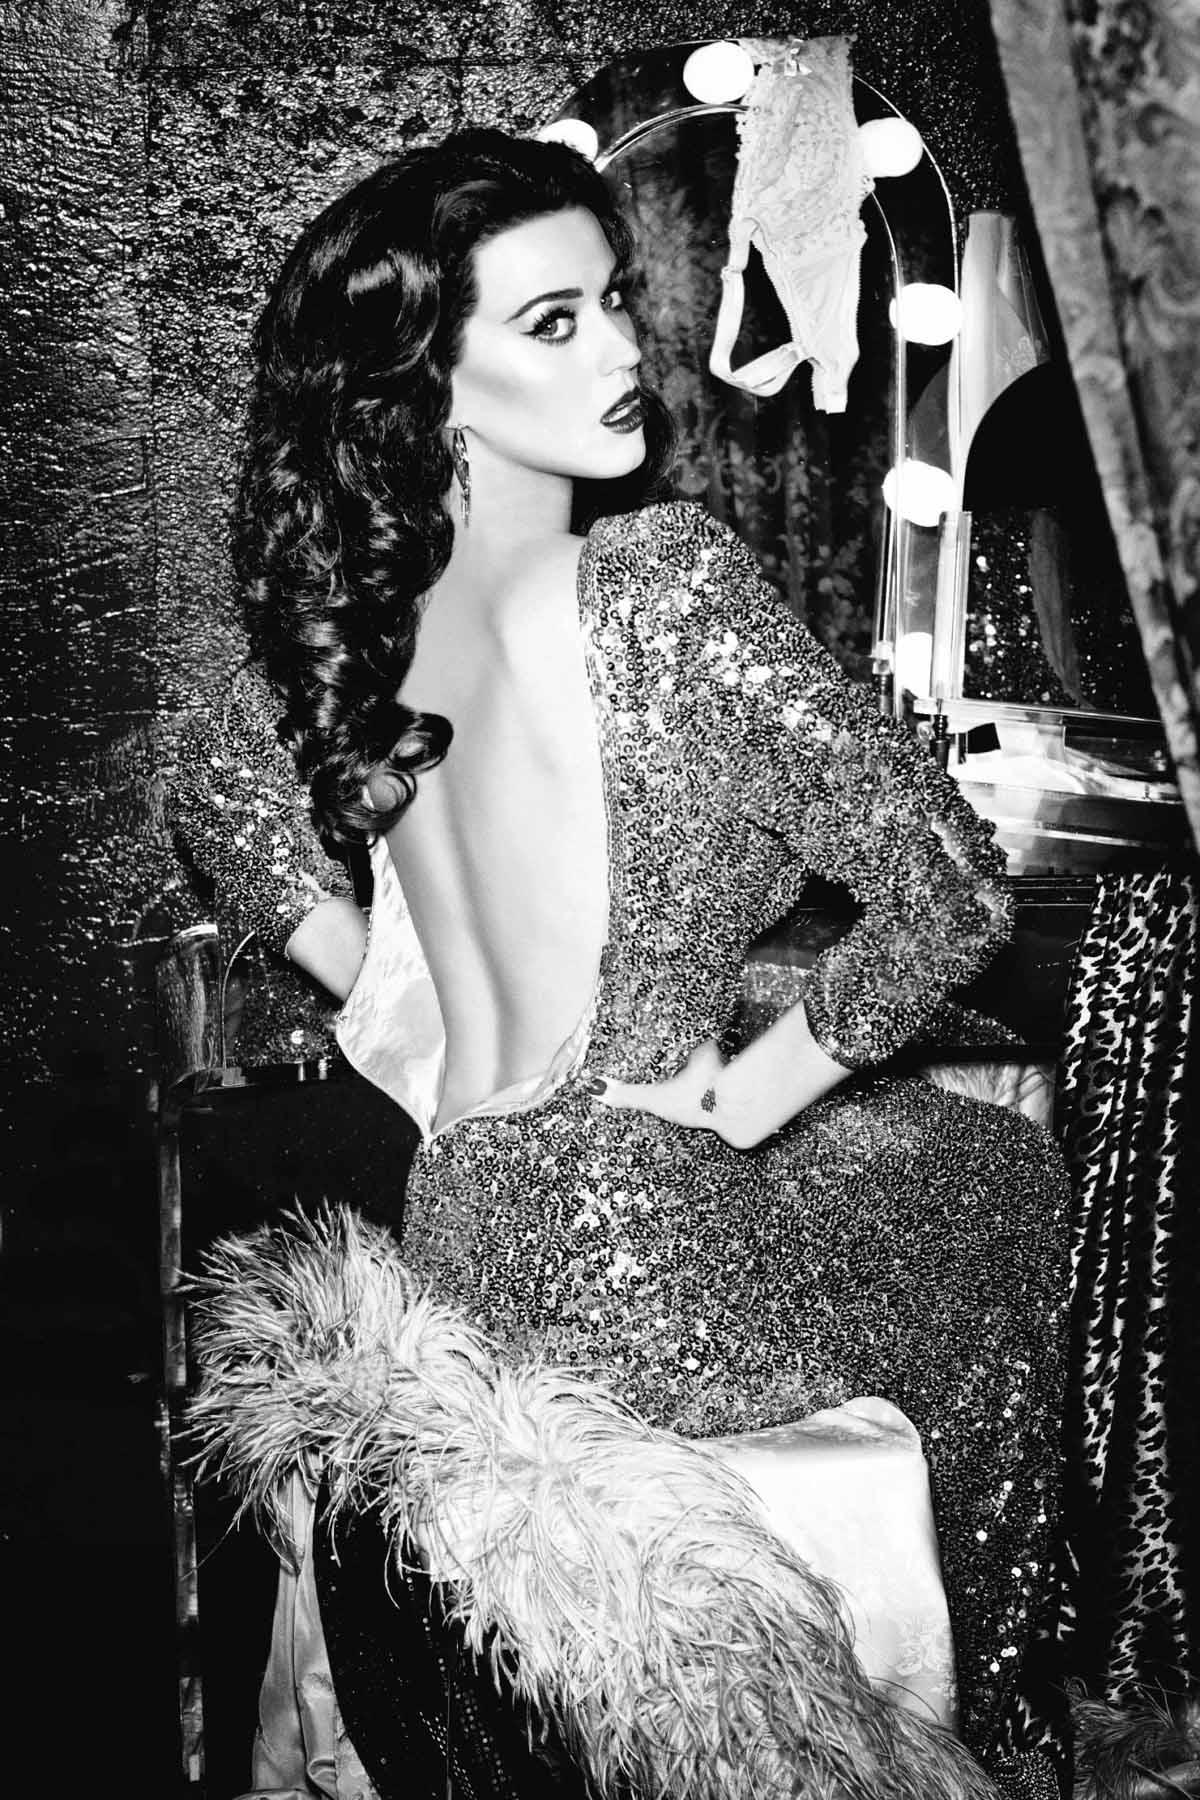 Katy Perry photographed by Ellen von Unwerth